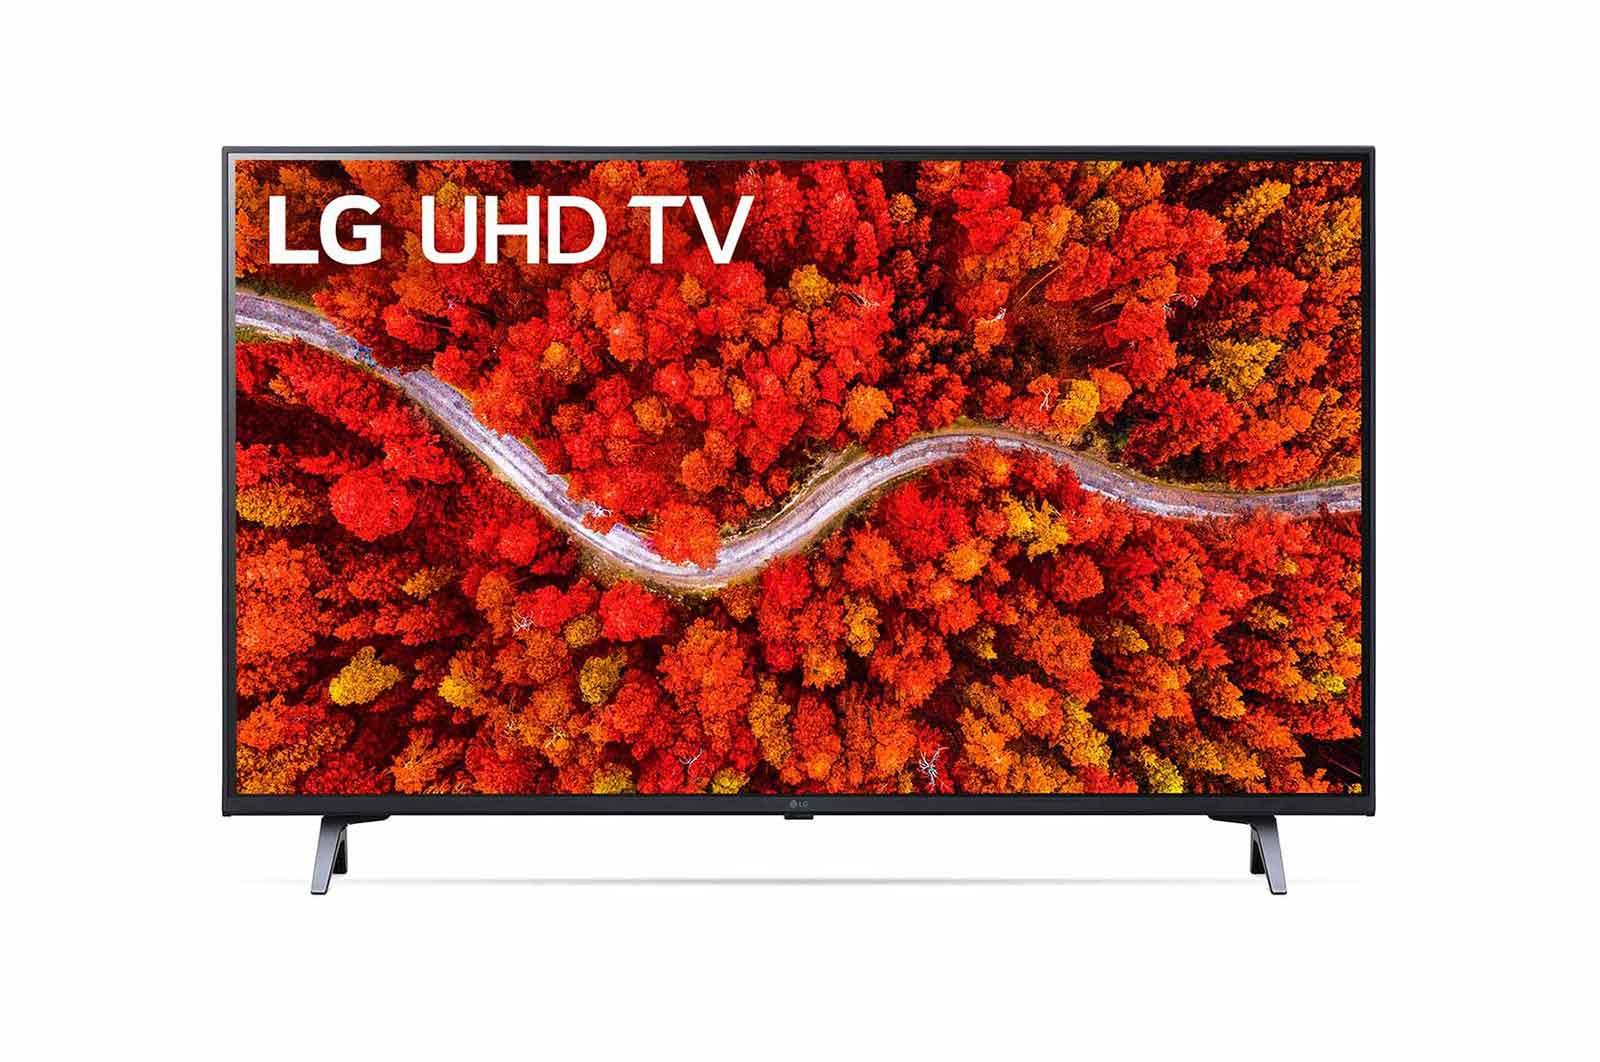 LG - LED TV 43UP8000PTB